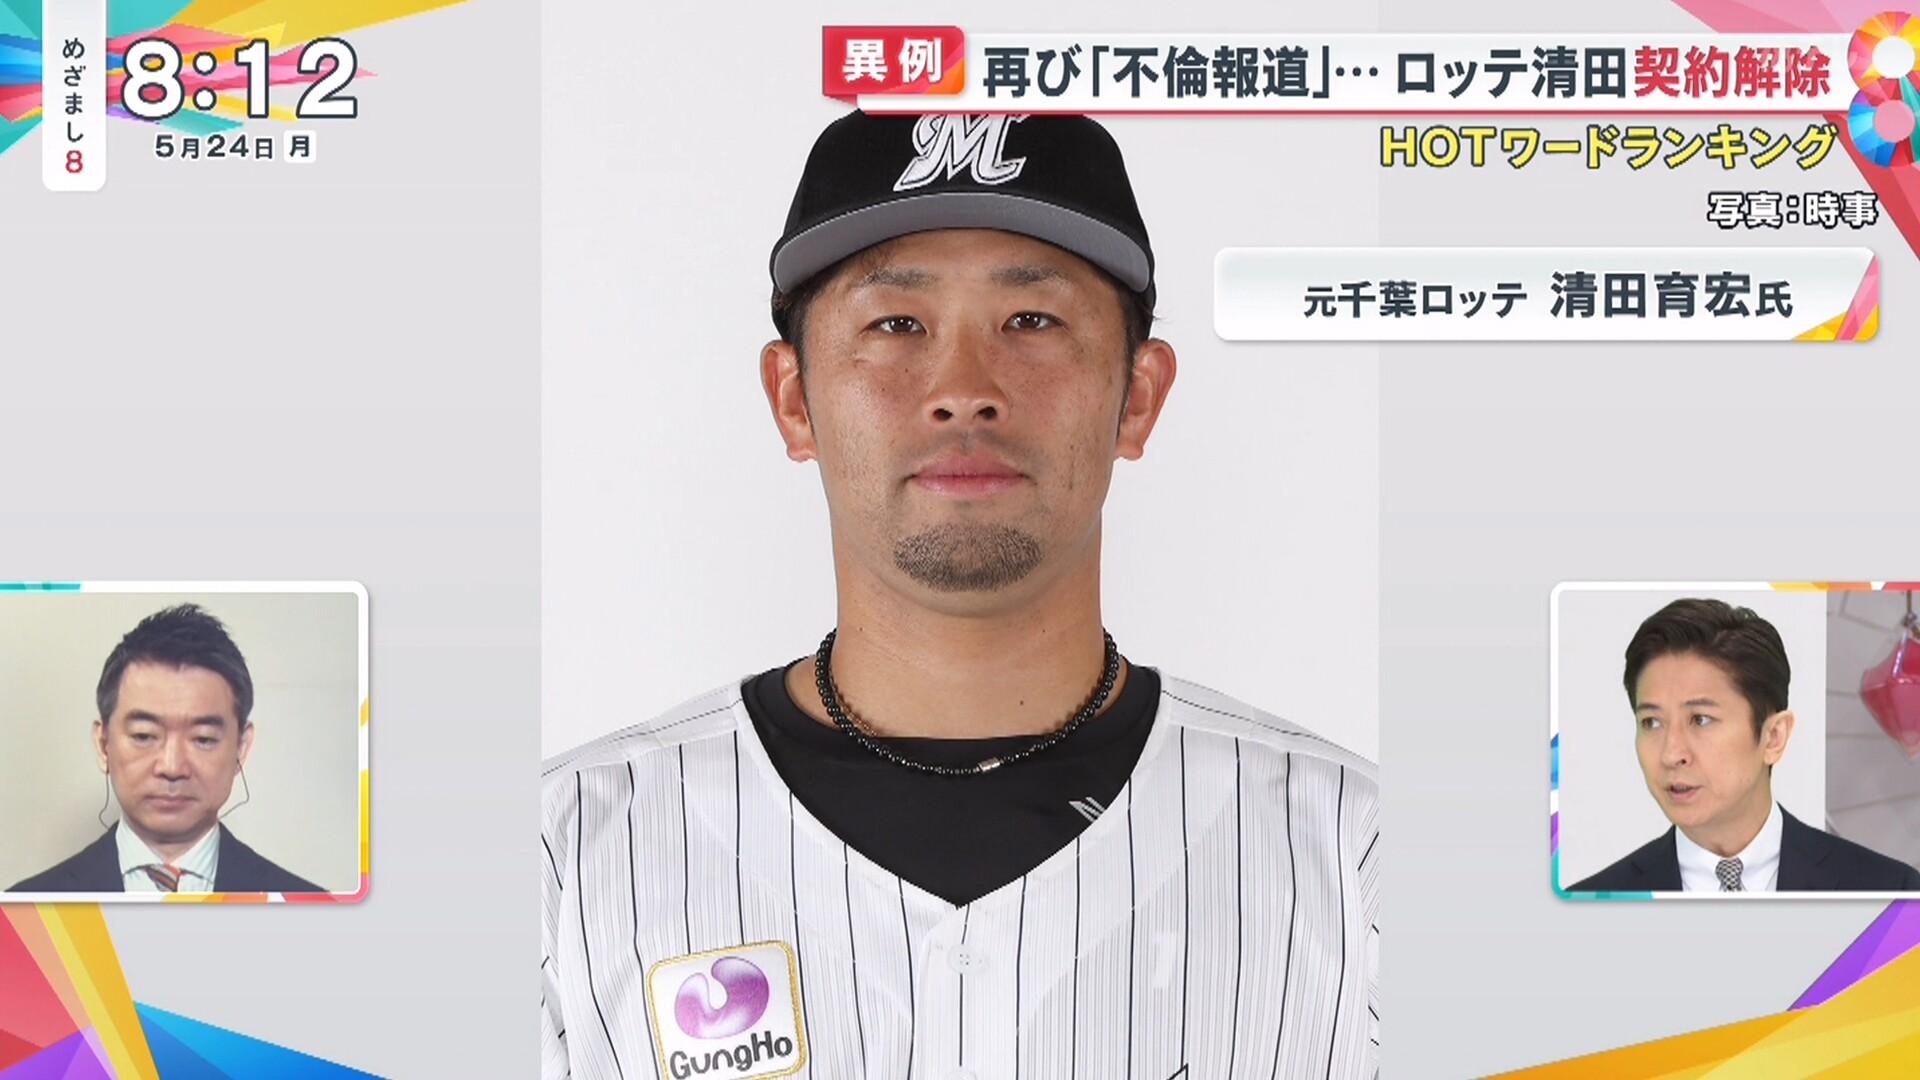 橋下徹氏、ロッテ清田育宏の契約解除に「球団はやり過ぎだと法律的に思います」